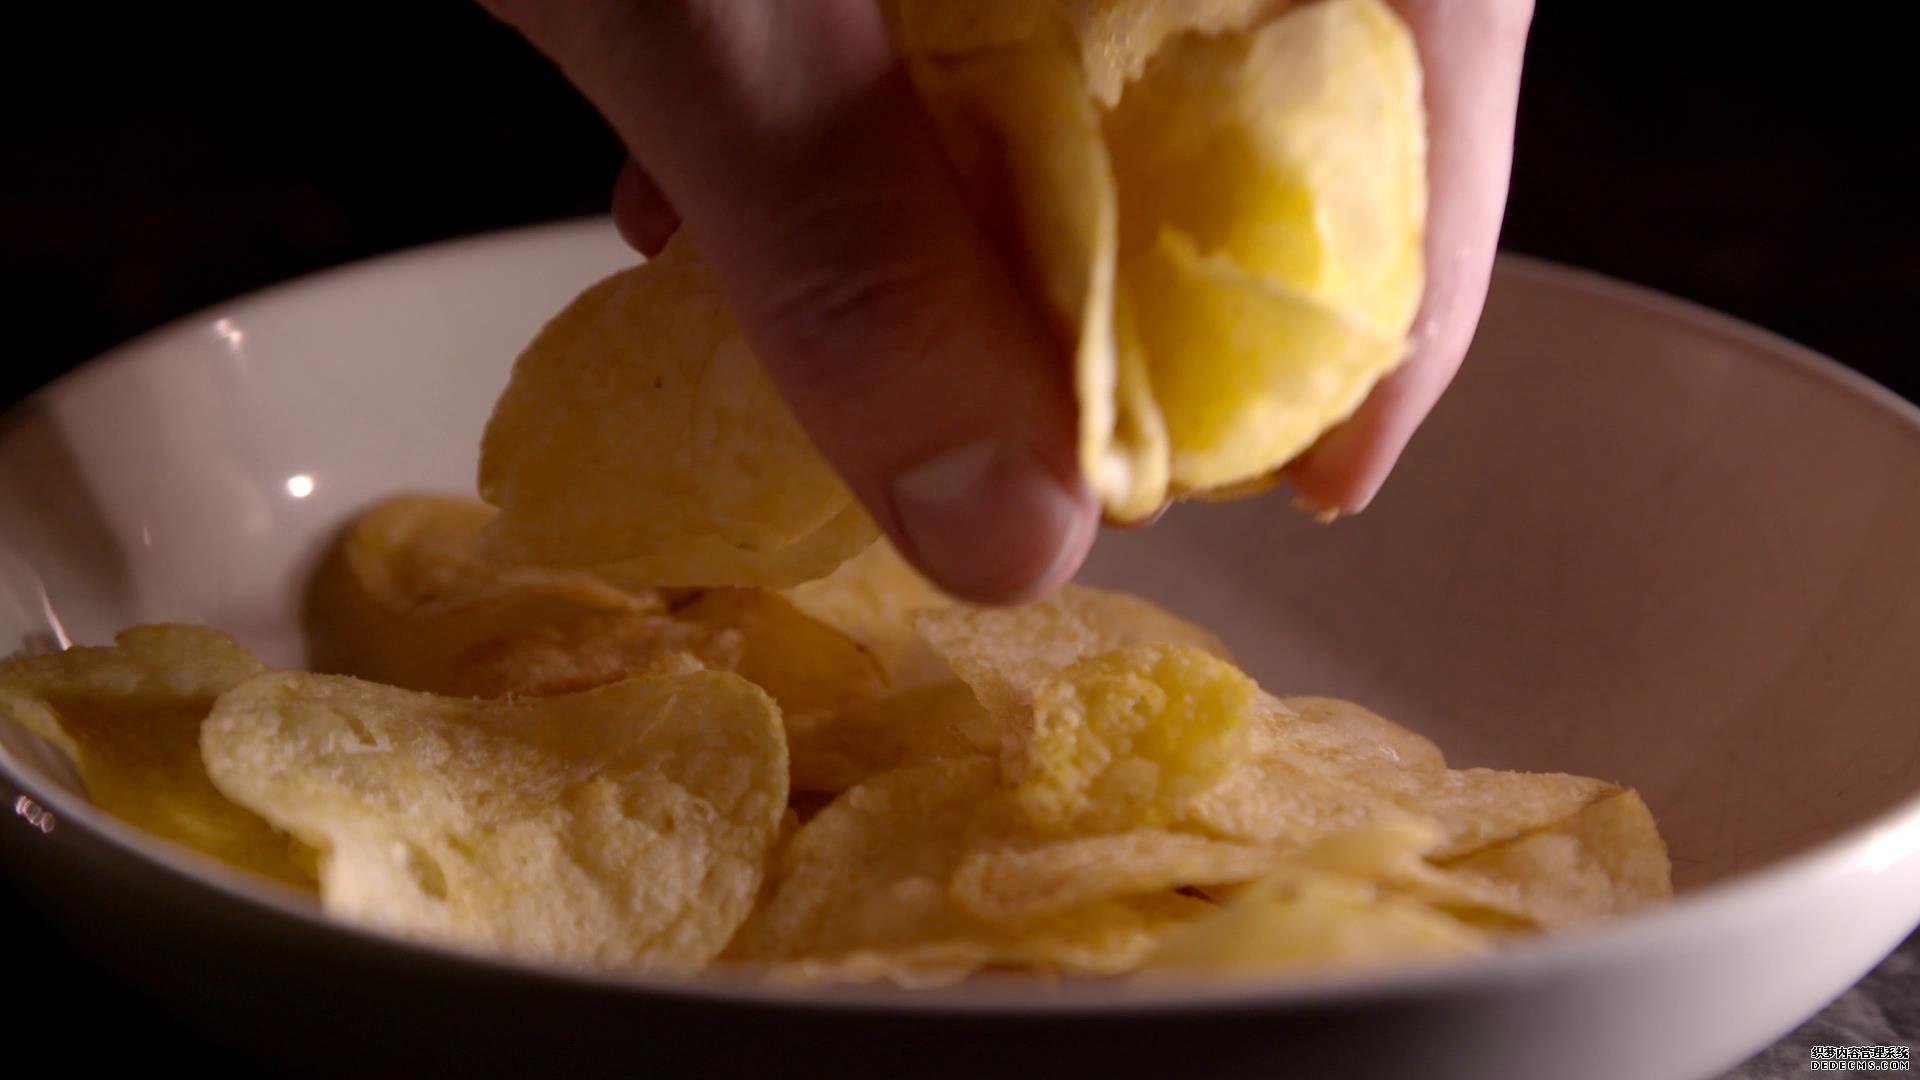 抓起薯片慢動作高清視頻素材